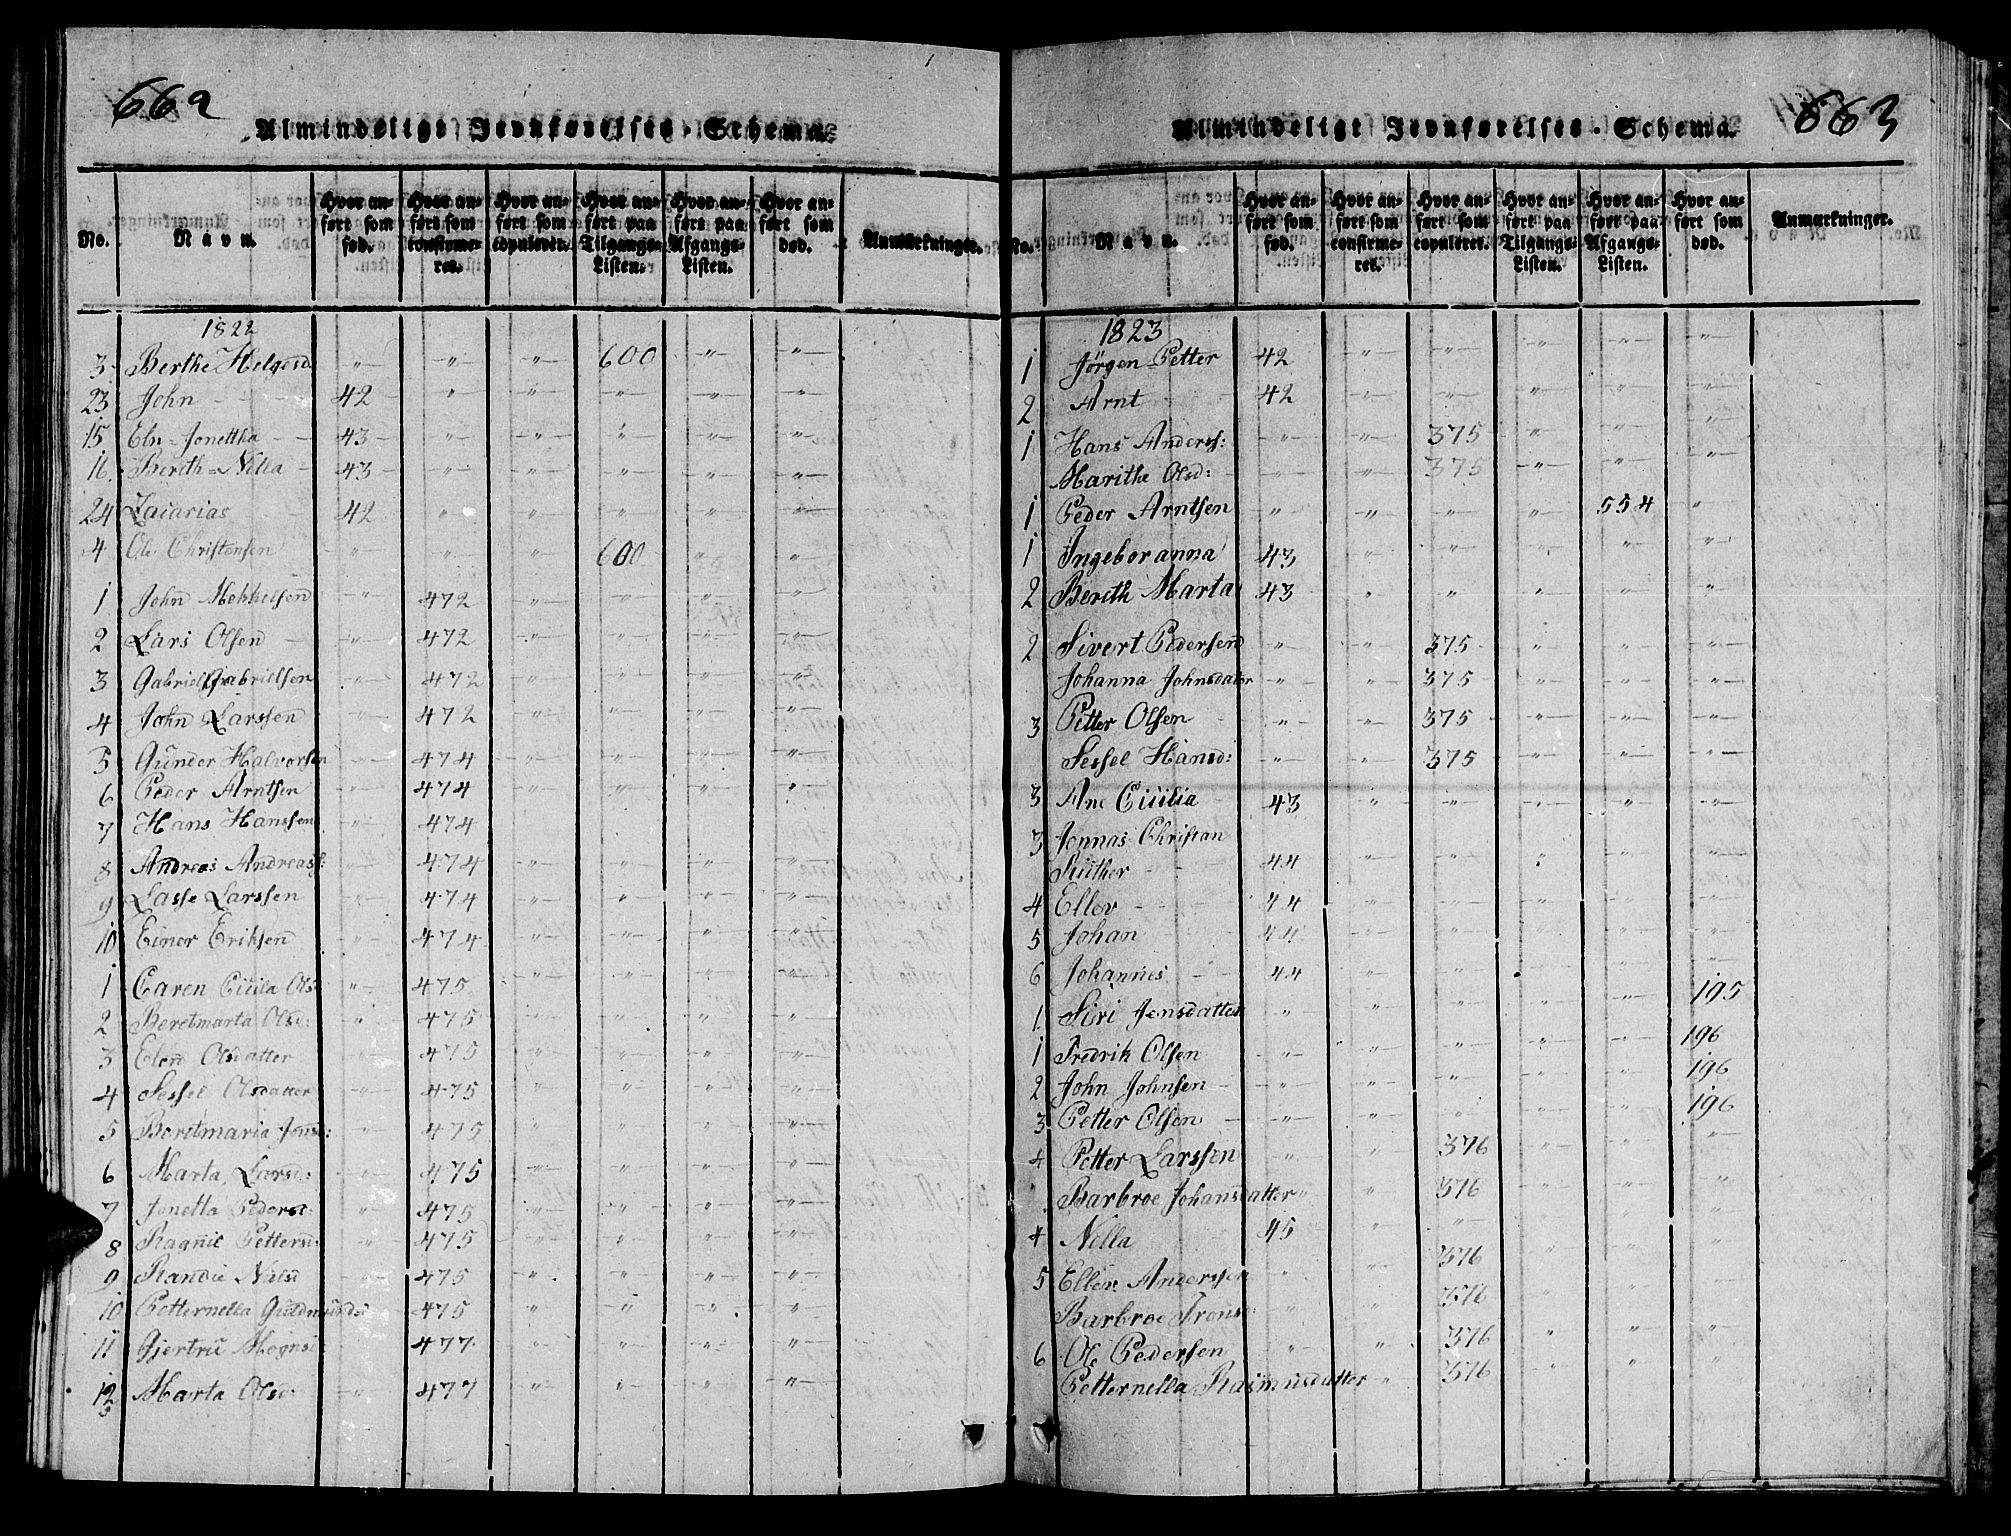 SAT, Ministerialprotokoller, klokkerbøker og fødselsregistre - Nord-Trøndelag, 714/L0132: Klokkerbok nr. 714C01, 1817-1824, s. 662-663